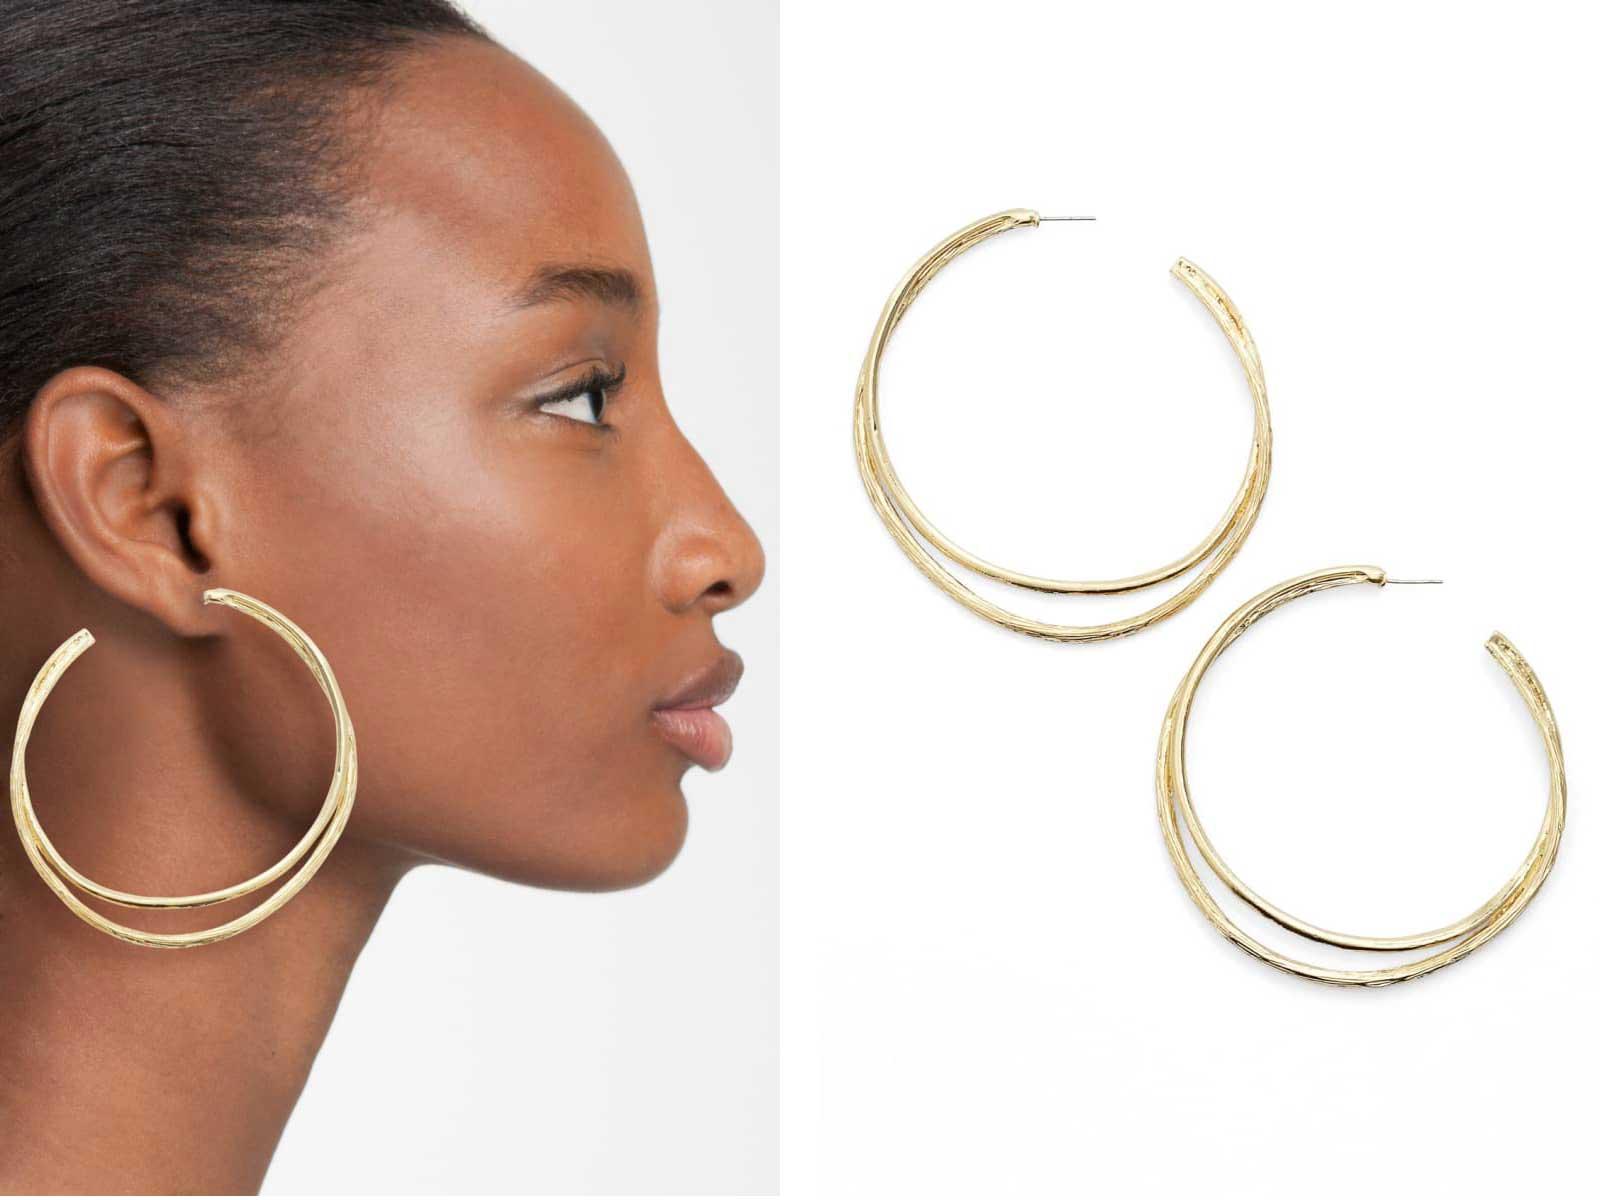 Split Hoop Earrings by Karine Sultan, Runway Jewelry Trends 2019